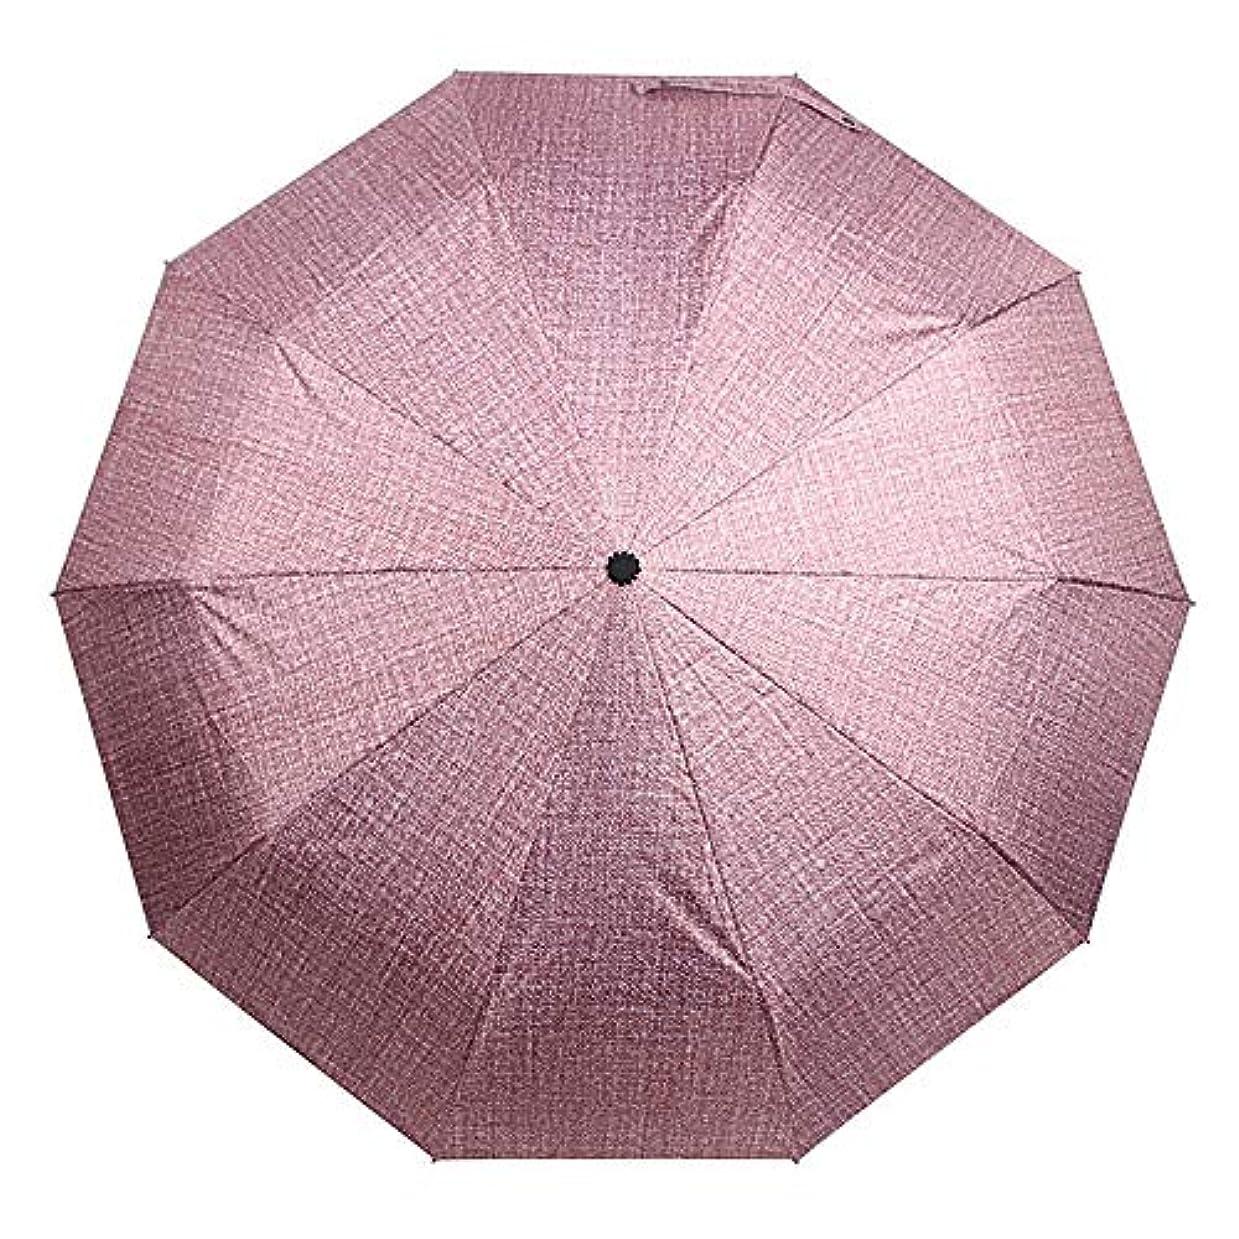 ナチュラコーチ頬骨傘を折るハンドルクリエイティブデニムブルートライ倍の日の傘自動ブラックシェーピング傘ハイグレードレトロレザー ポータブル防風強化日焼け止め傘 (Color : Pink, Size : 57cm*10K)